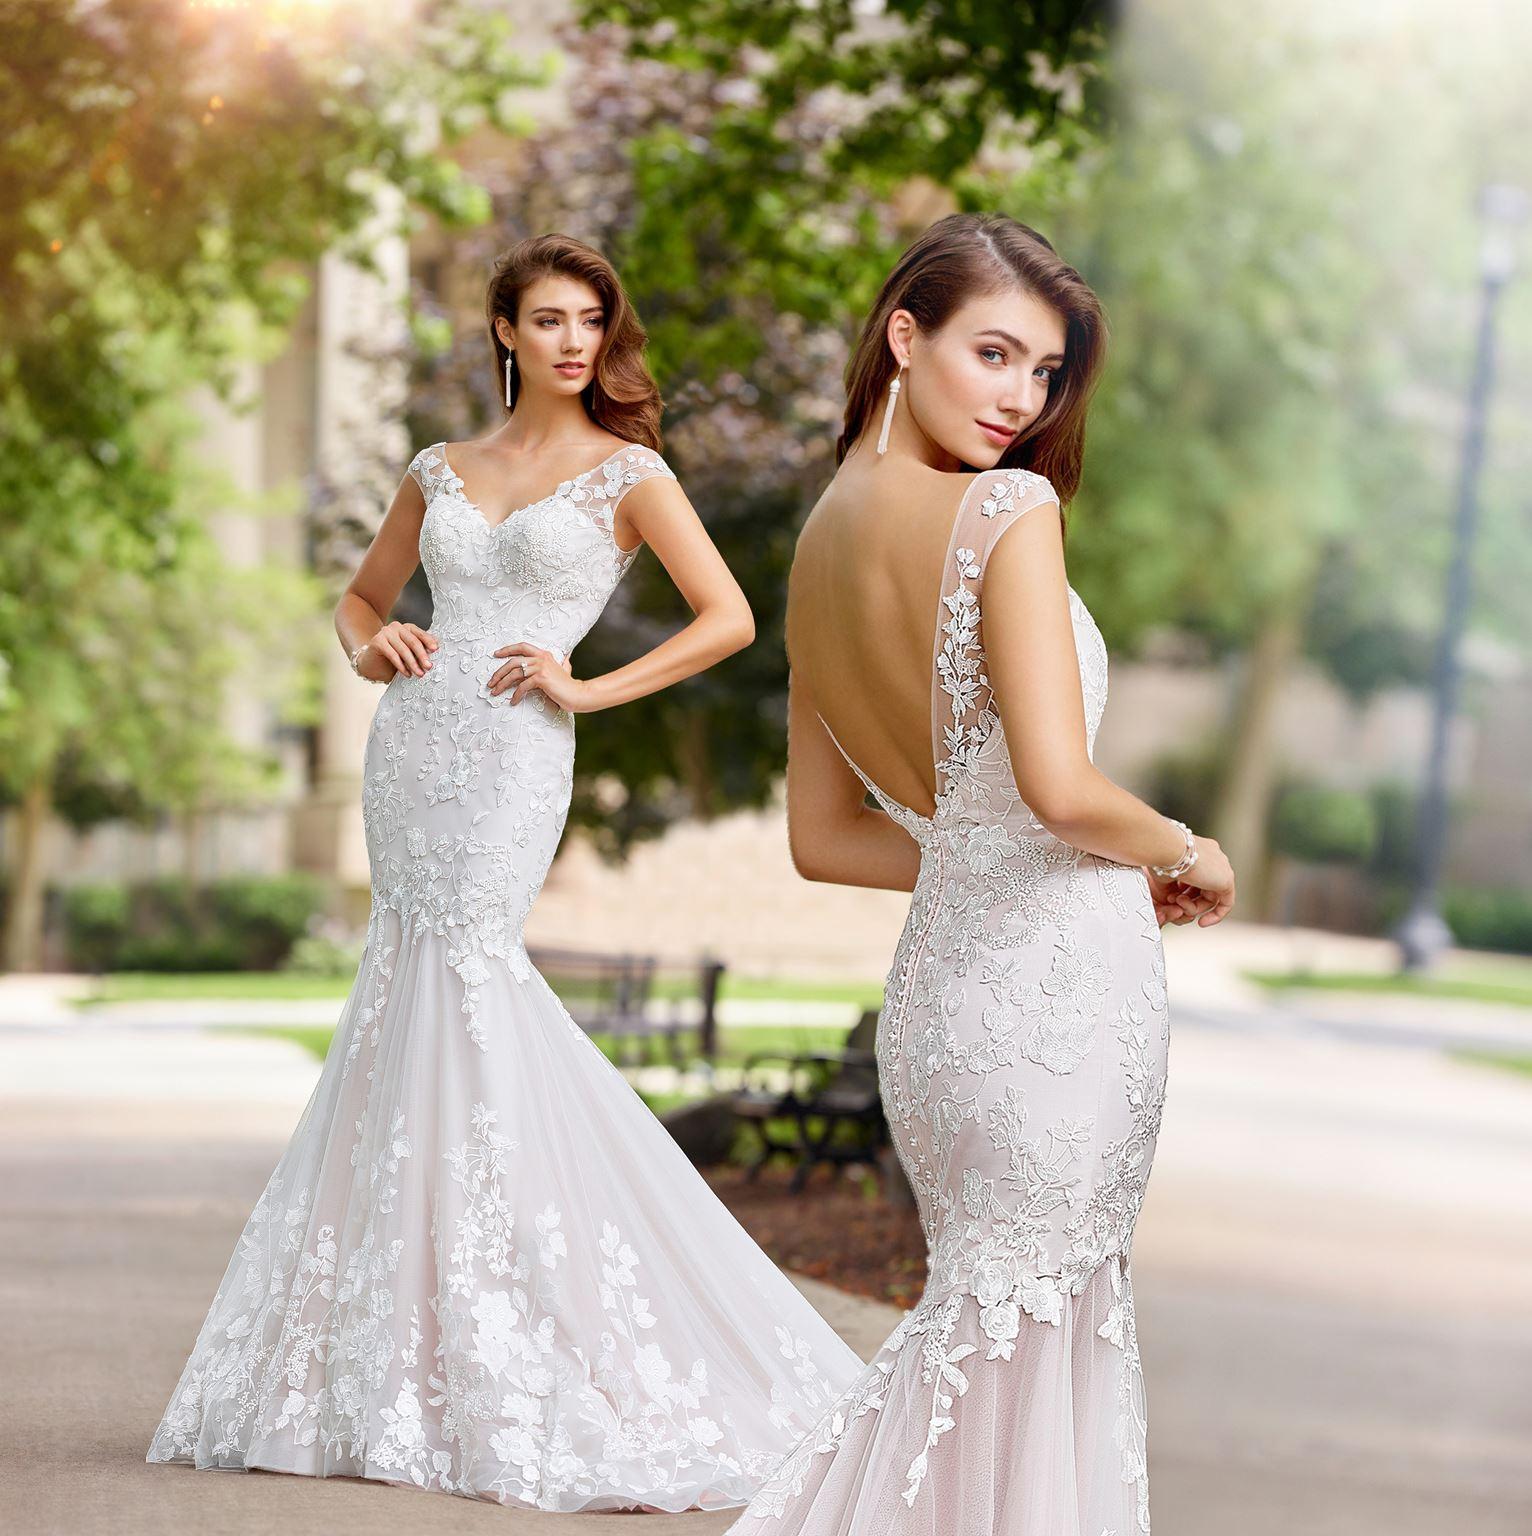 Vestido de Noiva Libia - Hipnose Alta Costura e Spa para Noivas e Noivos - Campinas - SP Vestido de Noiva, Vestidos de Noiva Sereia, Hipnose Alta Costura, Vestido de Noiva Libia